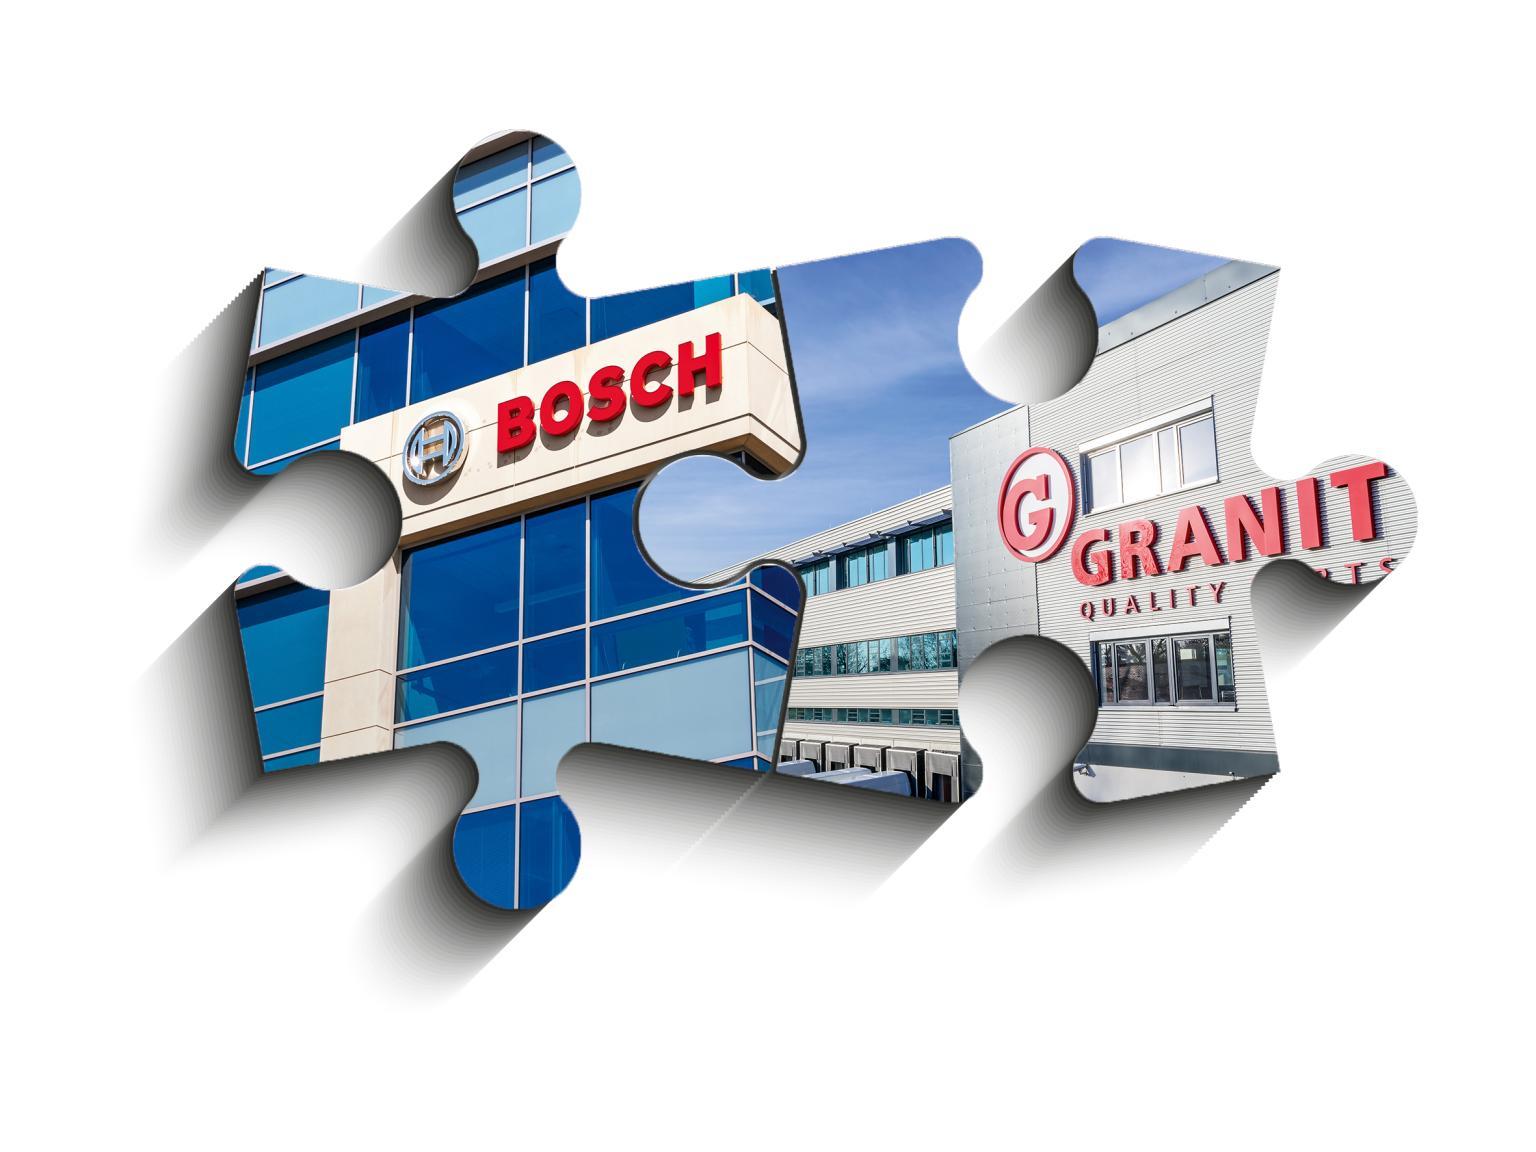 GRANIT PARTS und Bosch vereinbaren Vertriebspartnerschaft